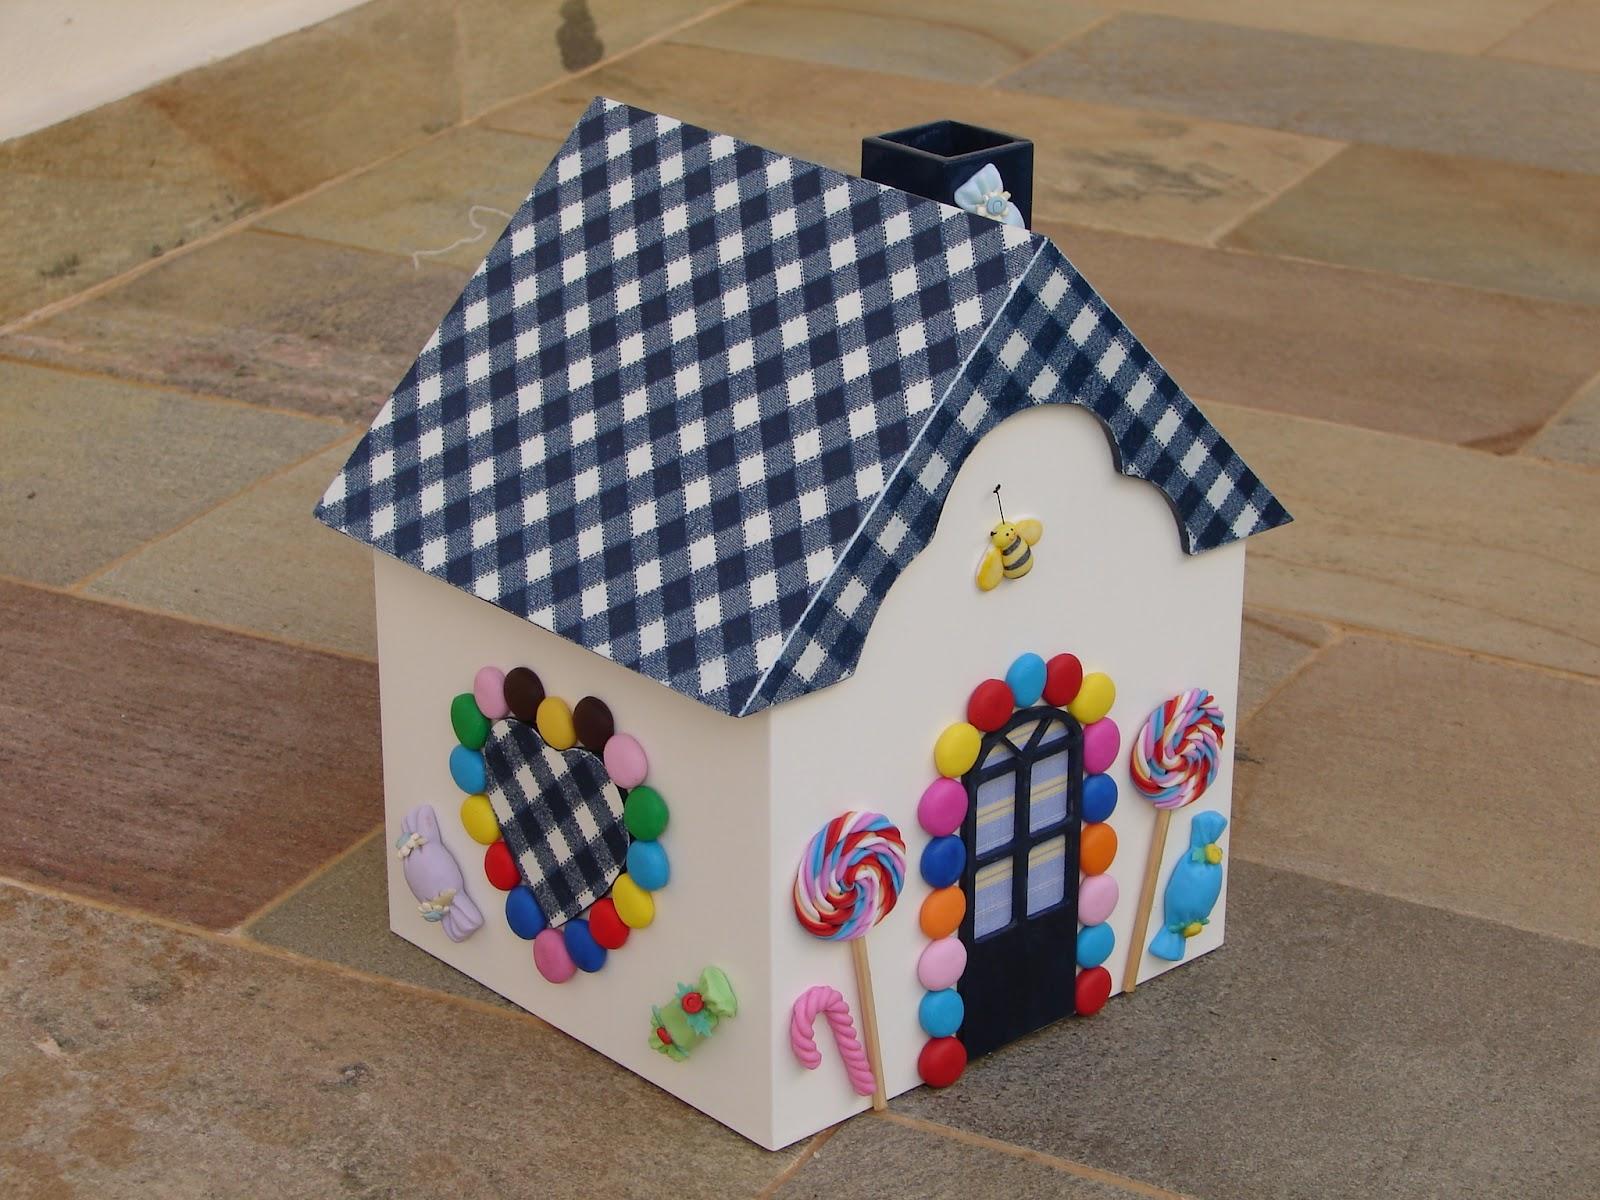 é ideal para decorar quartos de crianças ou mesas de festas infantis #734438 1600x1200